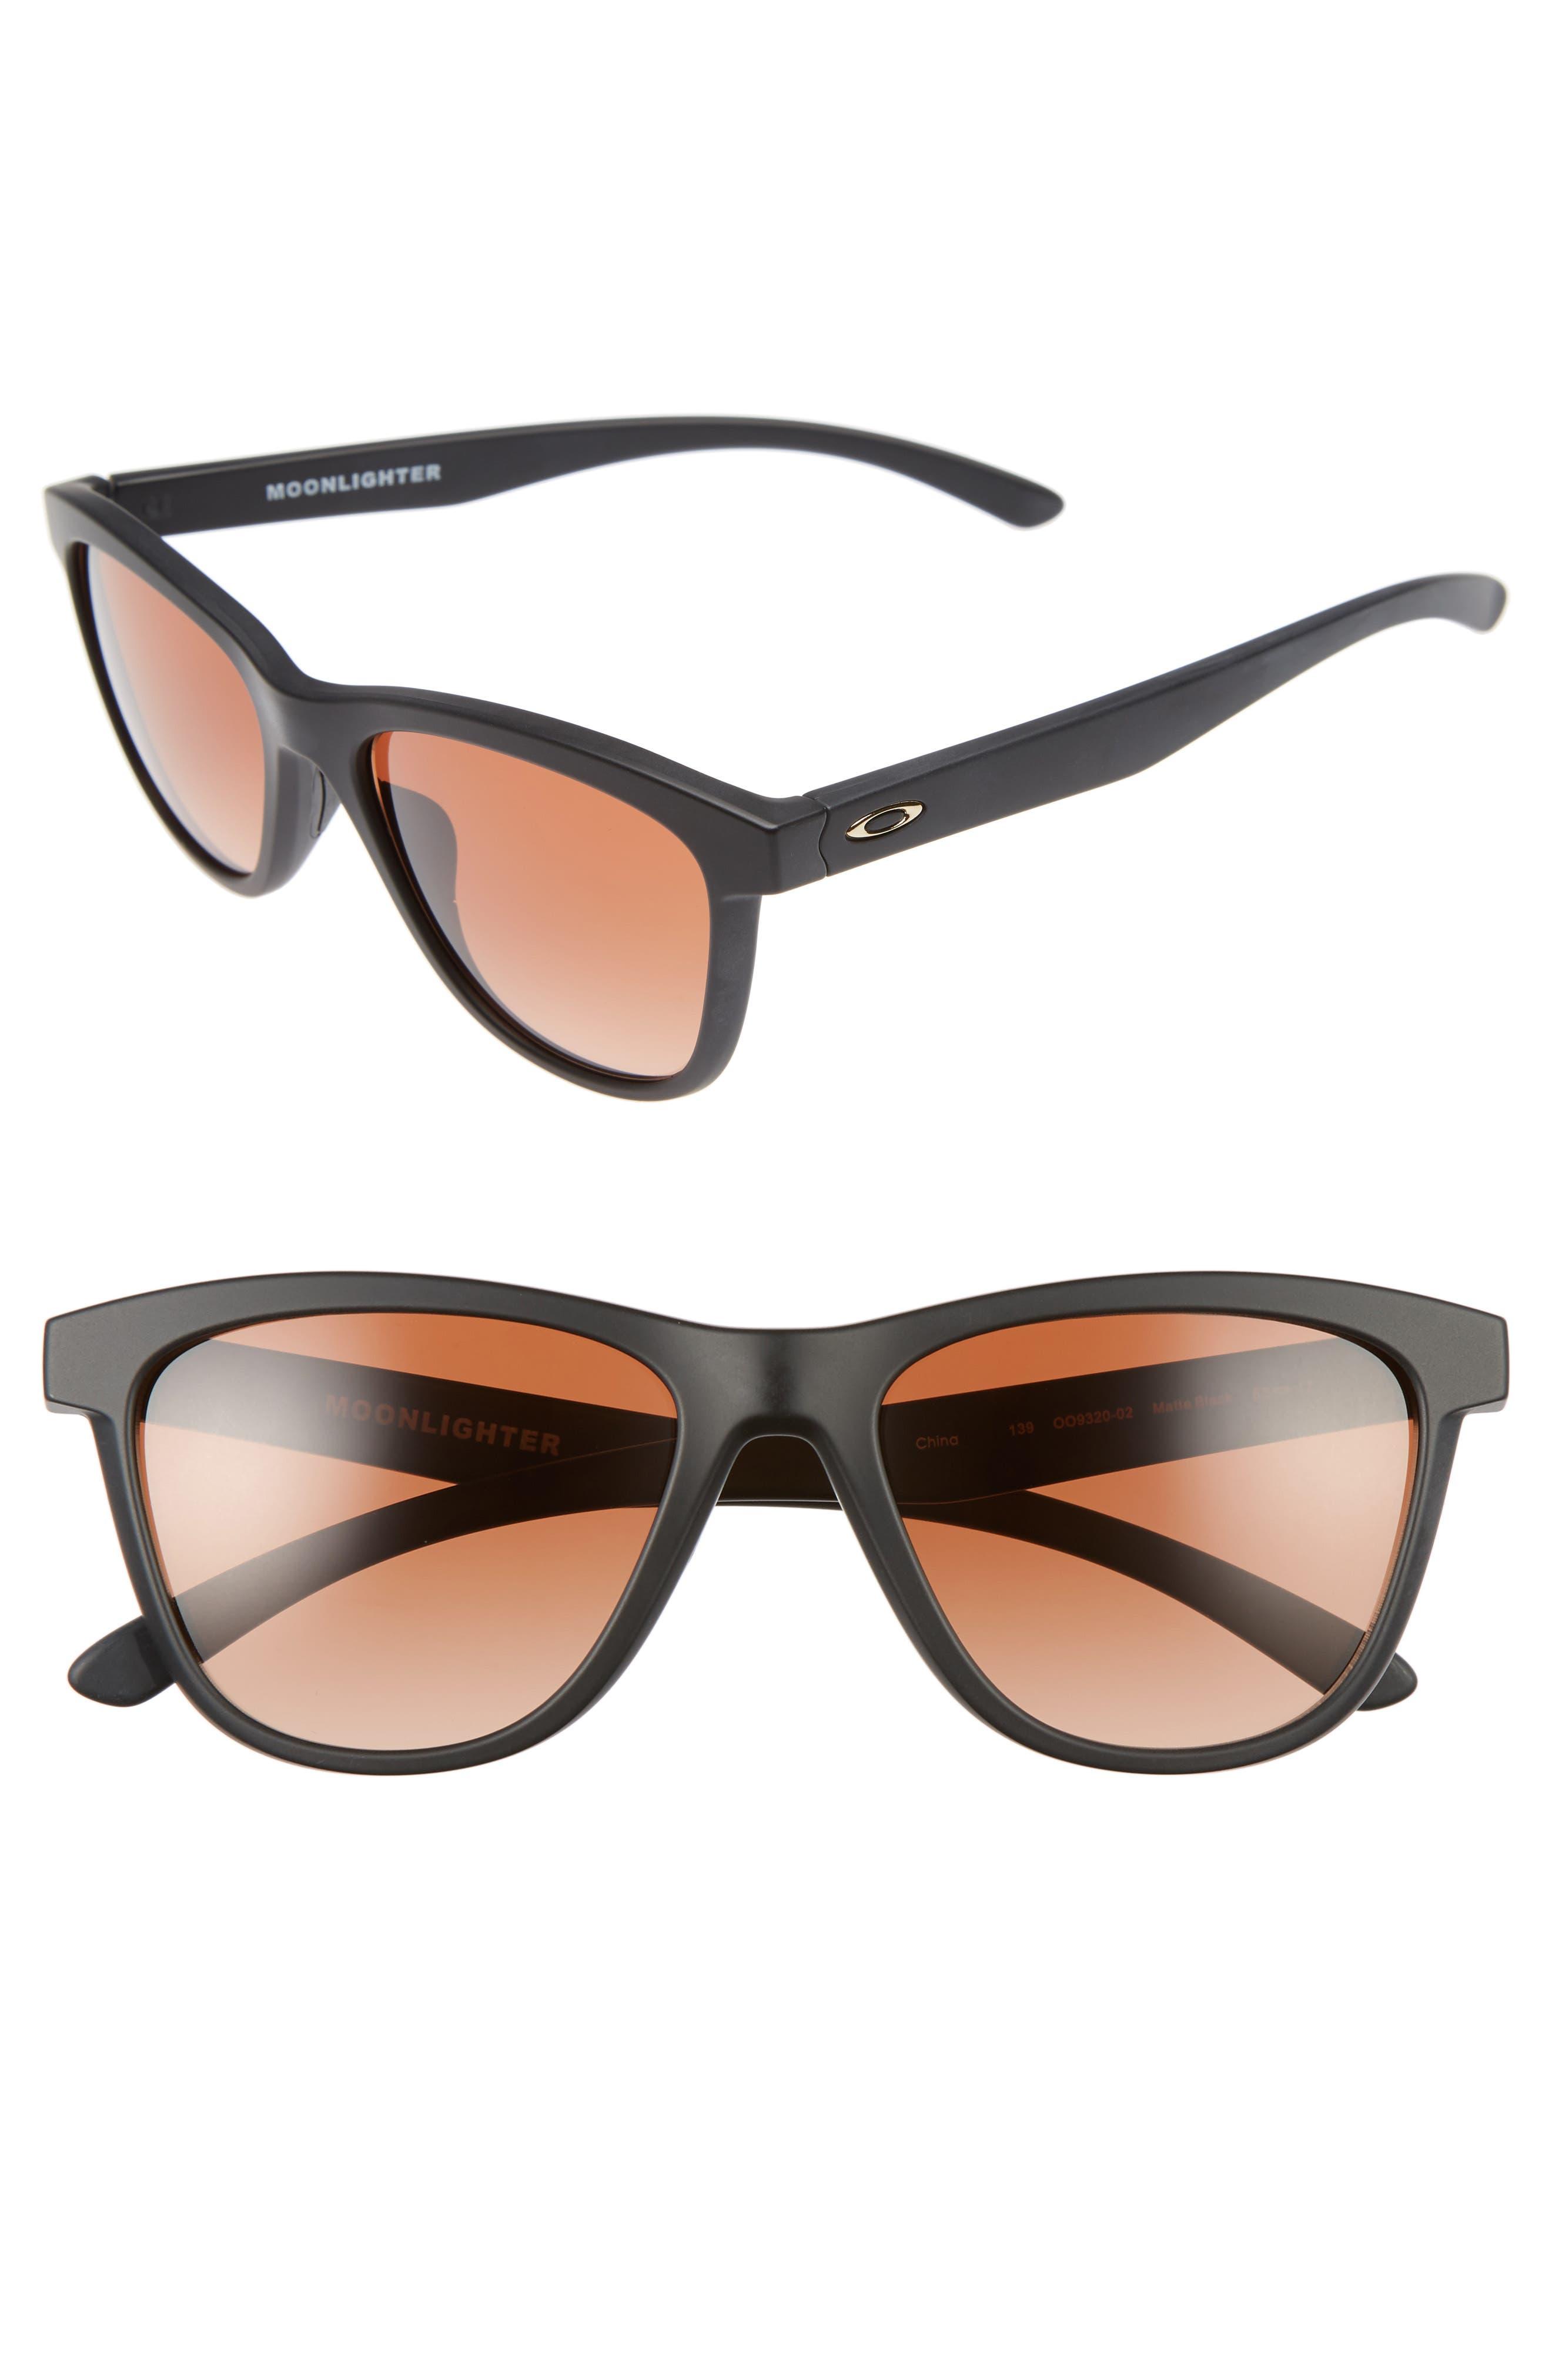 Oakley Moonlighter 53mm Sunglasses